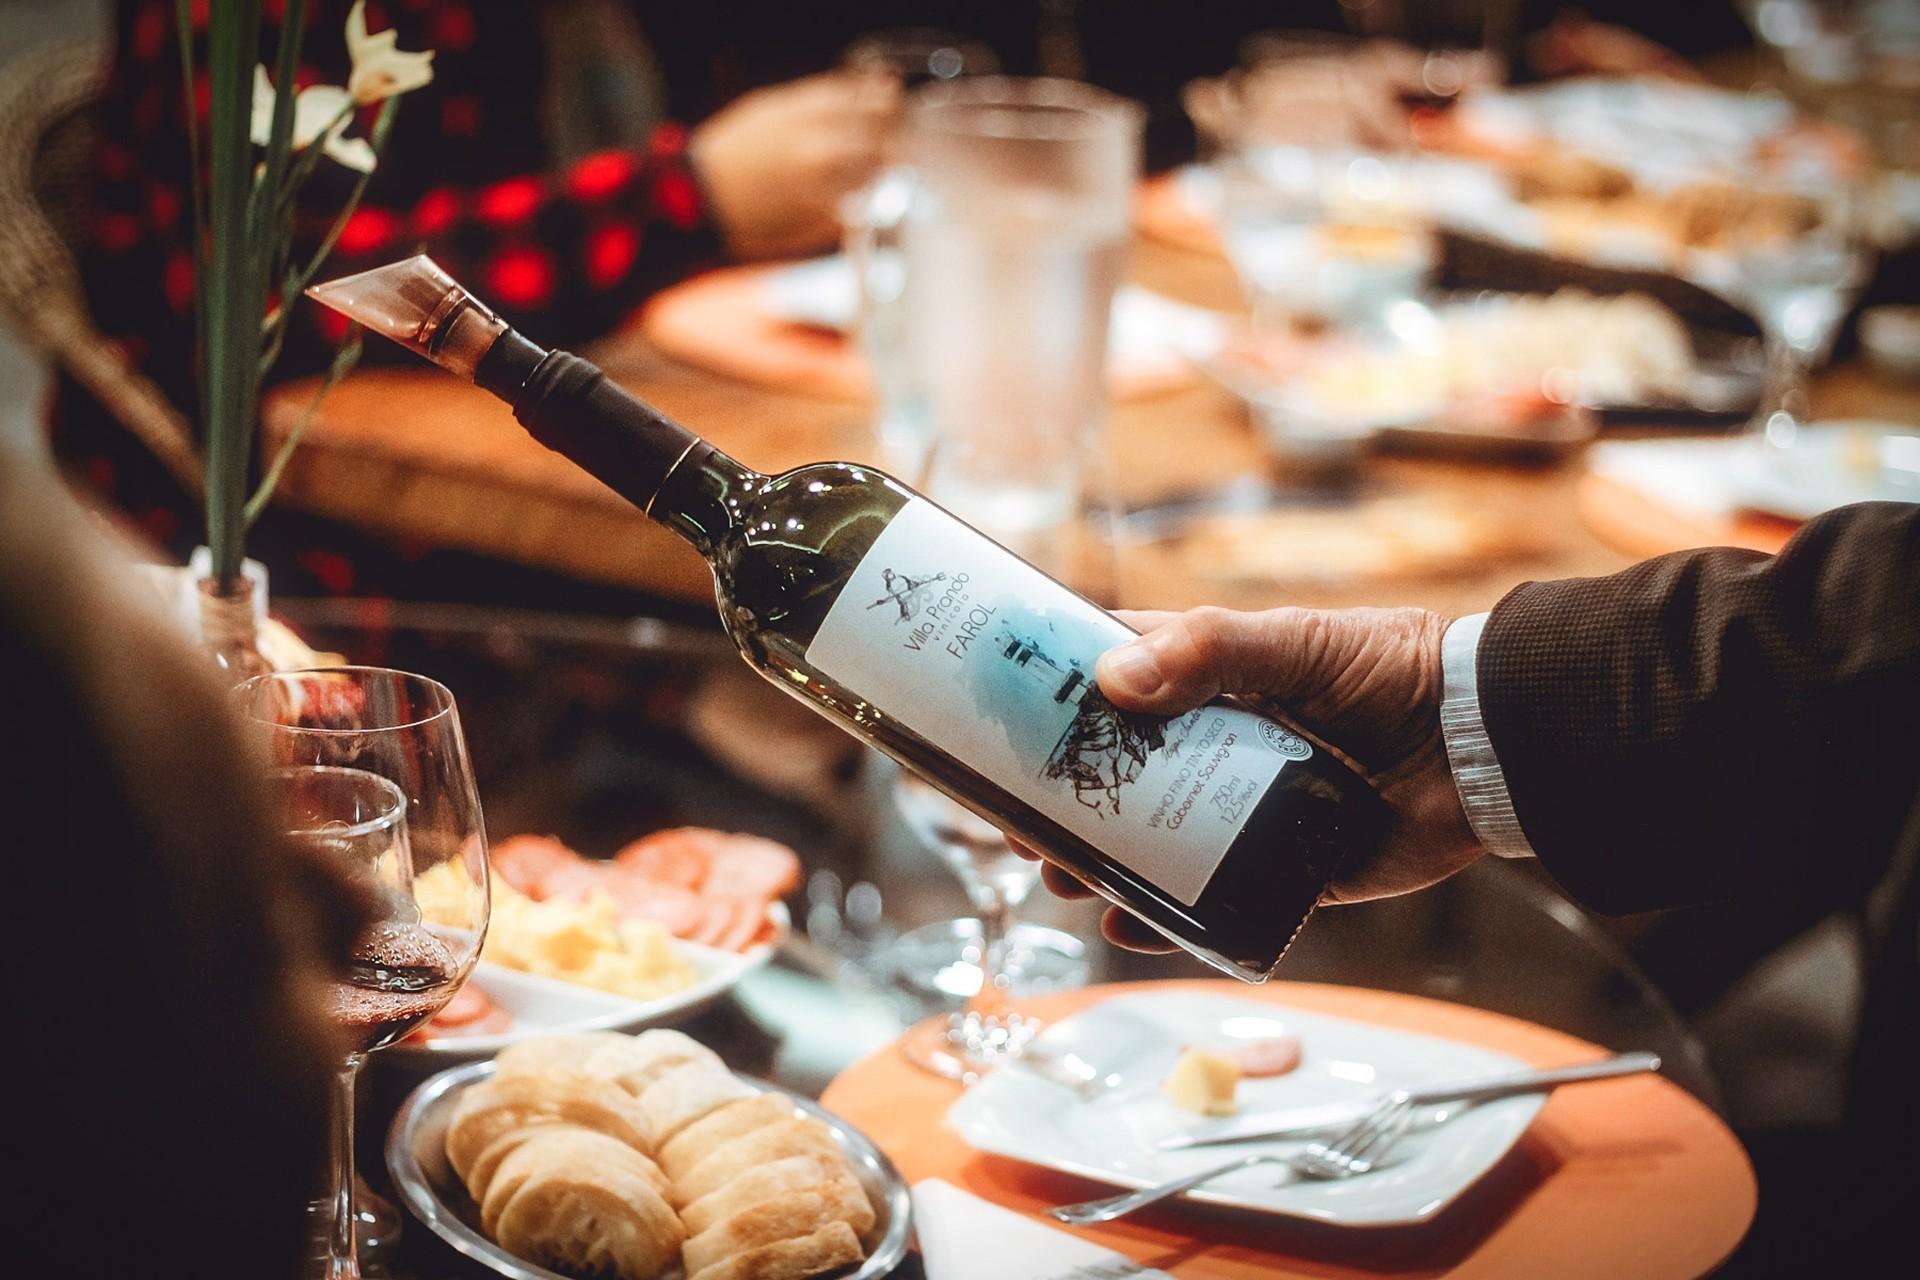 Bottle of wine in fancy restaurant. Food, dinner, glasses, flowers. 15 Romantic Travel Gift Ideas for Valentine's Day